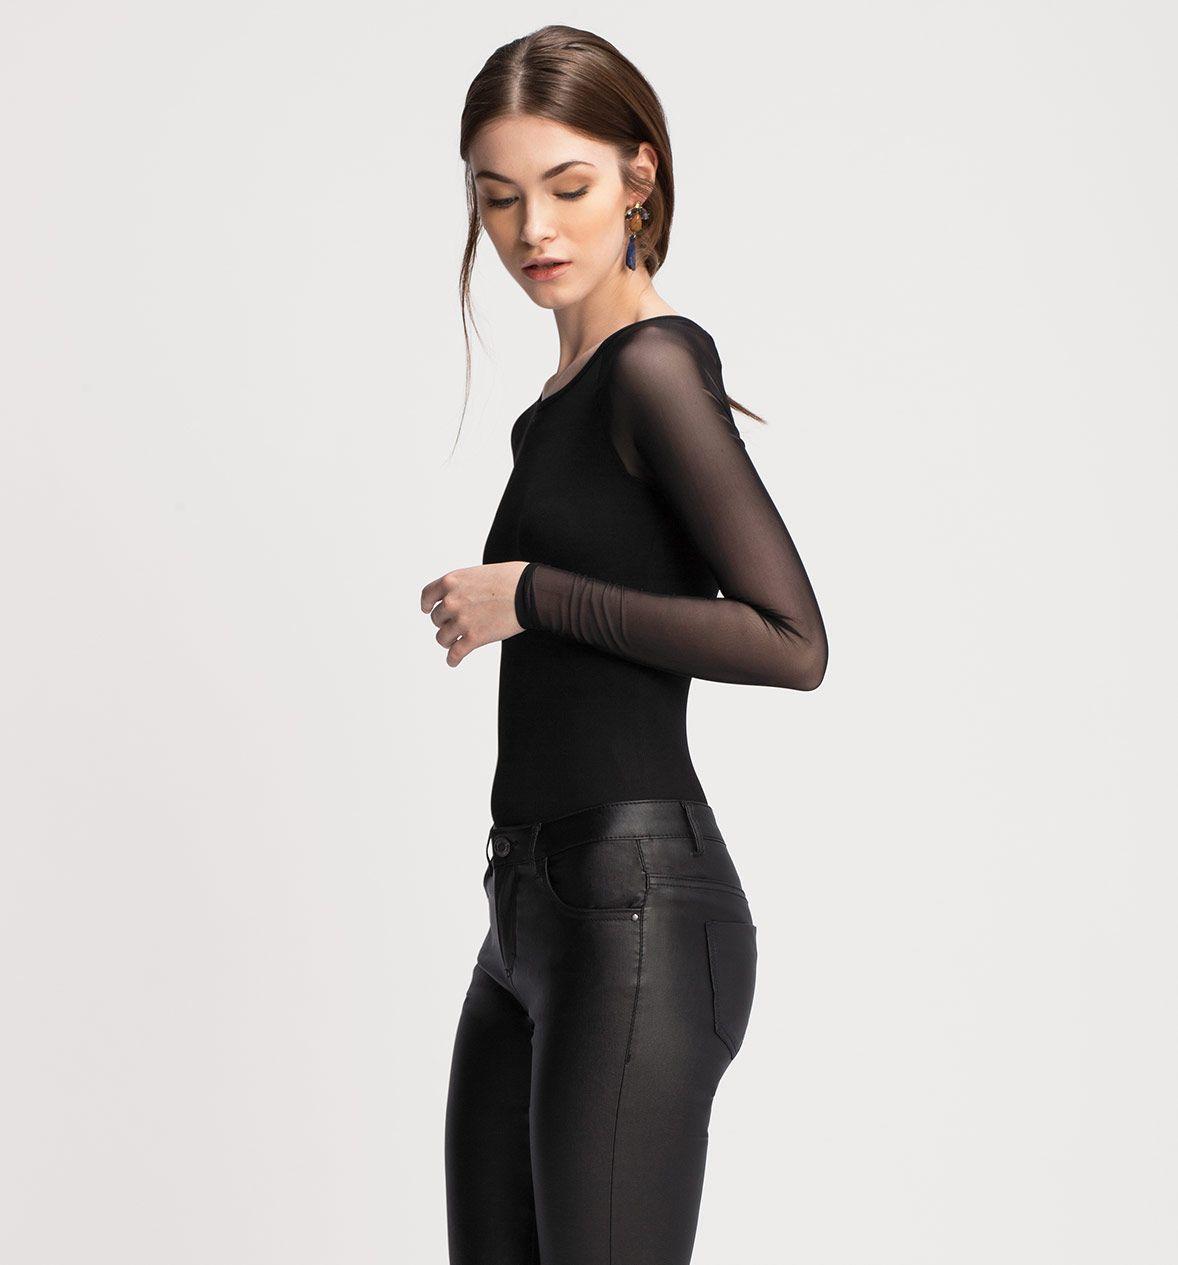 body in schwarz | mode, modestil, kind mode